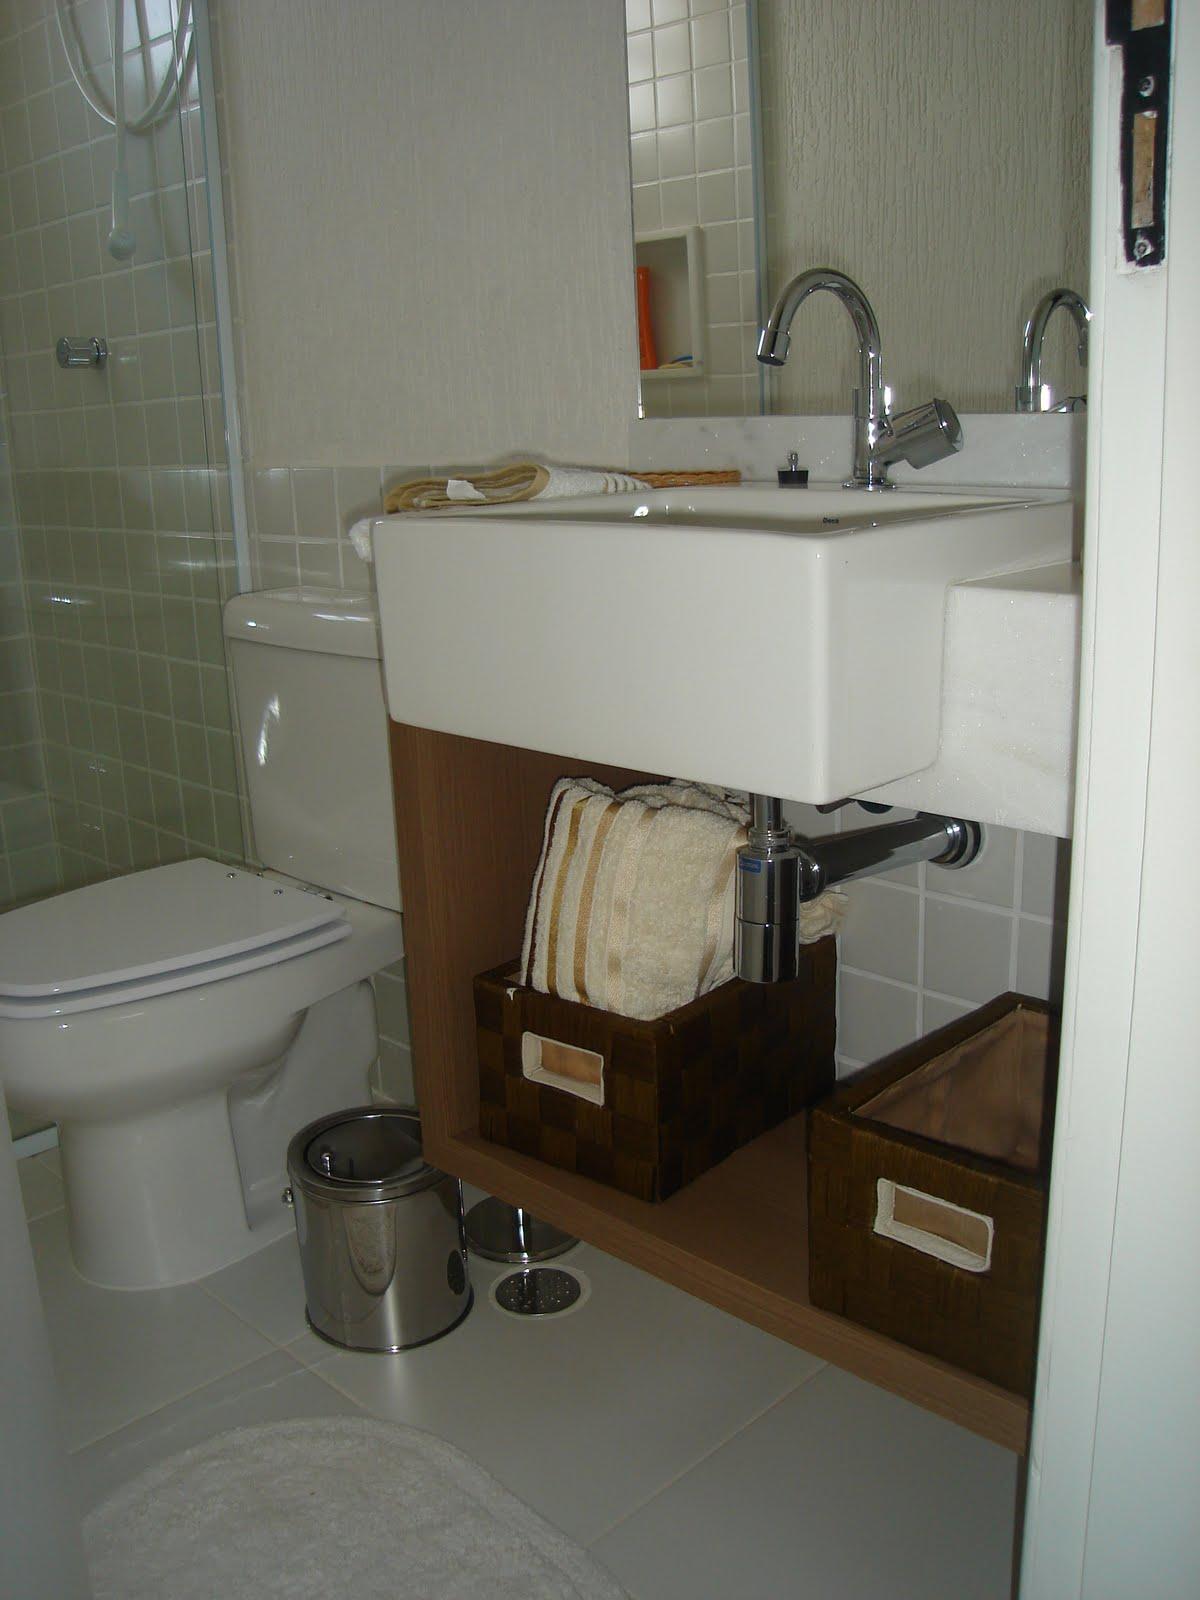 Decorar e Criar: Banheiros: bonitos e econômicos #5E4C36 1200x1600 Banheiro Bonito E Economico